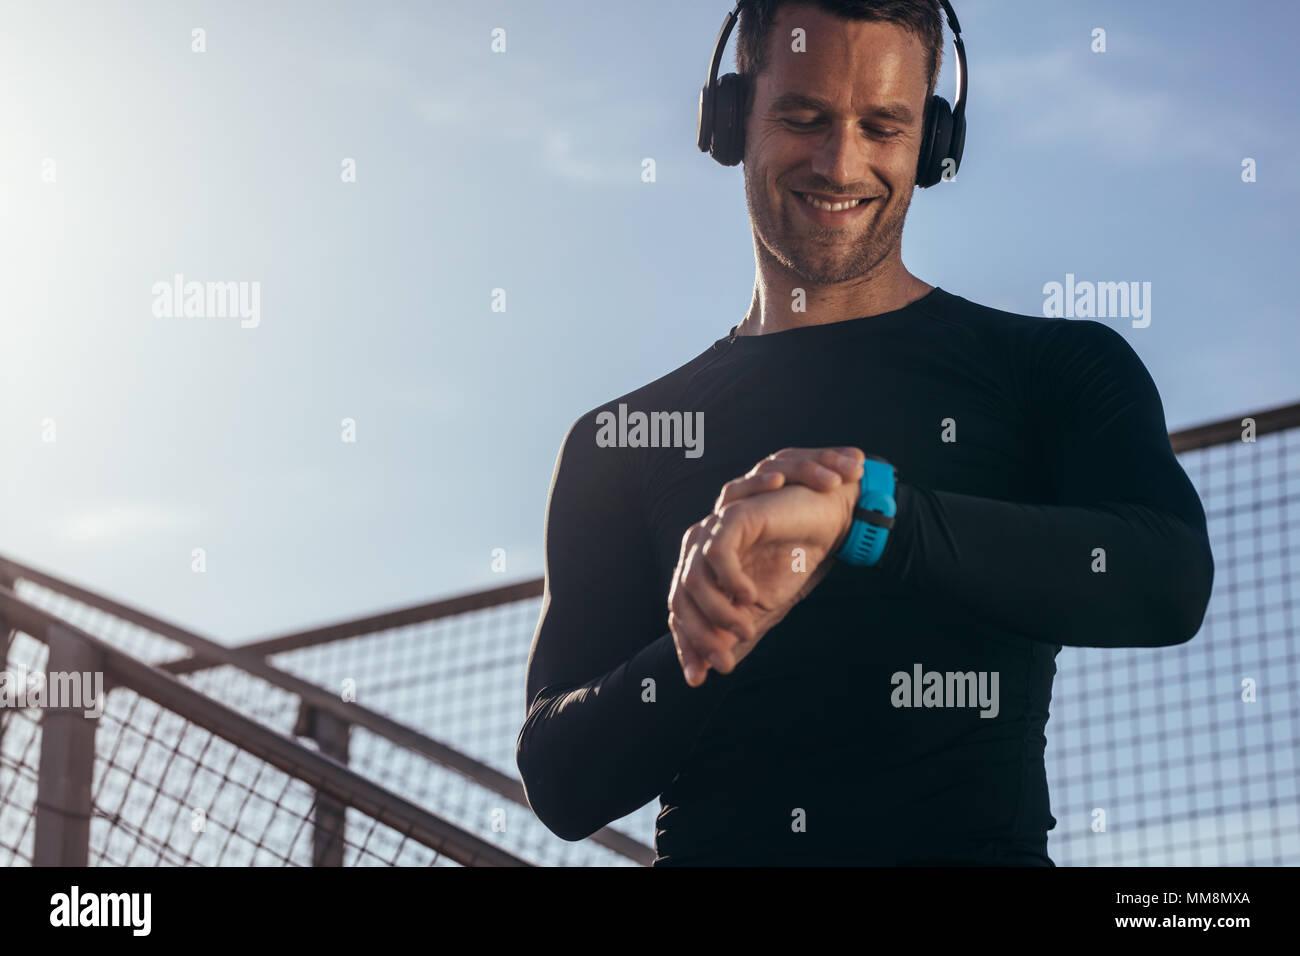 Hombre de pie afuera con auriculares con un smartwatch para supervisar su progreso. Atleta Masculino descansando y comprobar su rendimiento en fitness smartwa Imagen De Stock